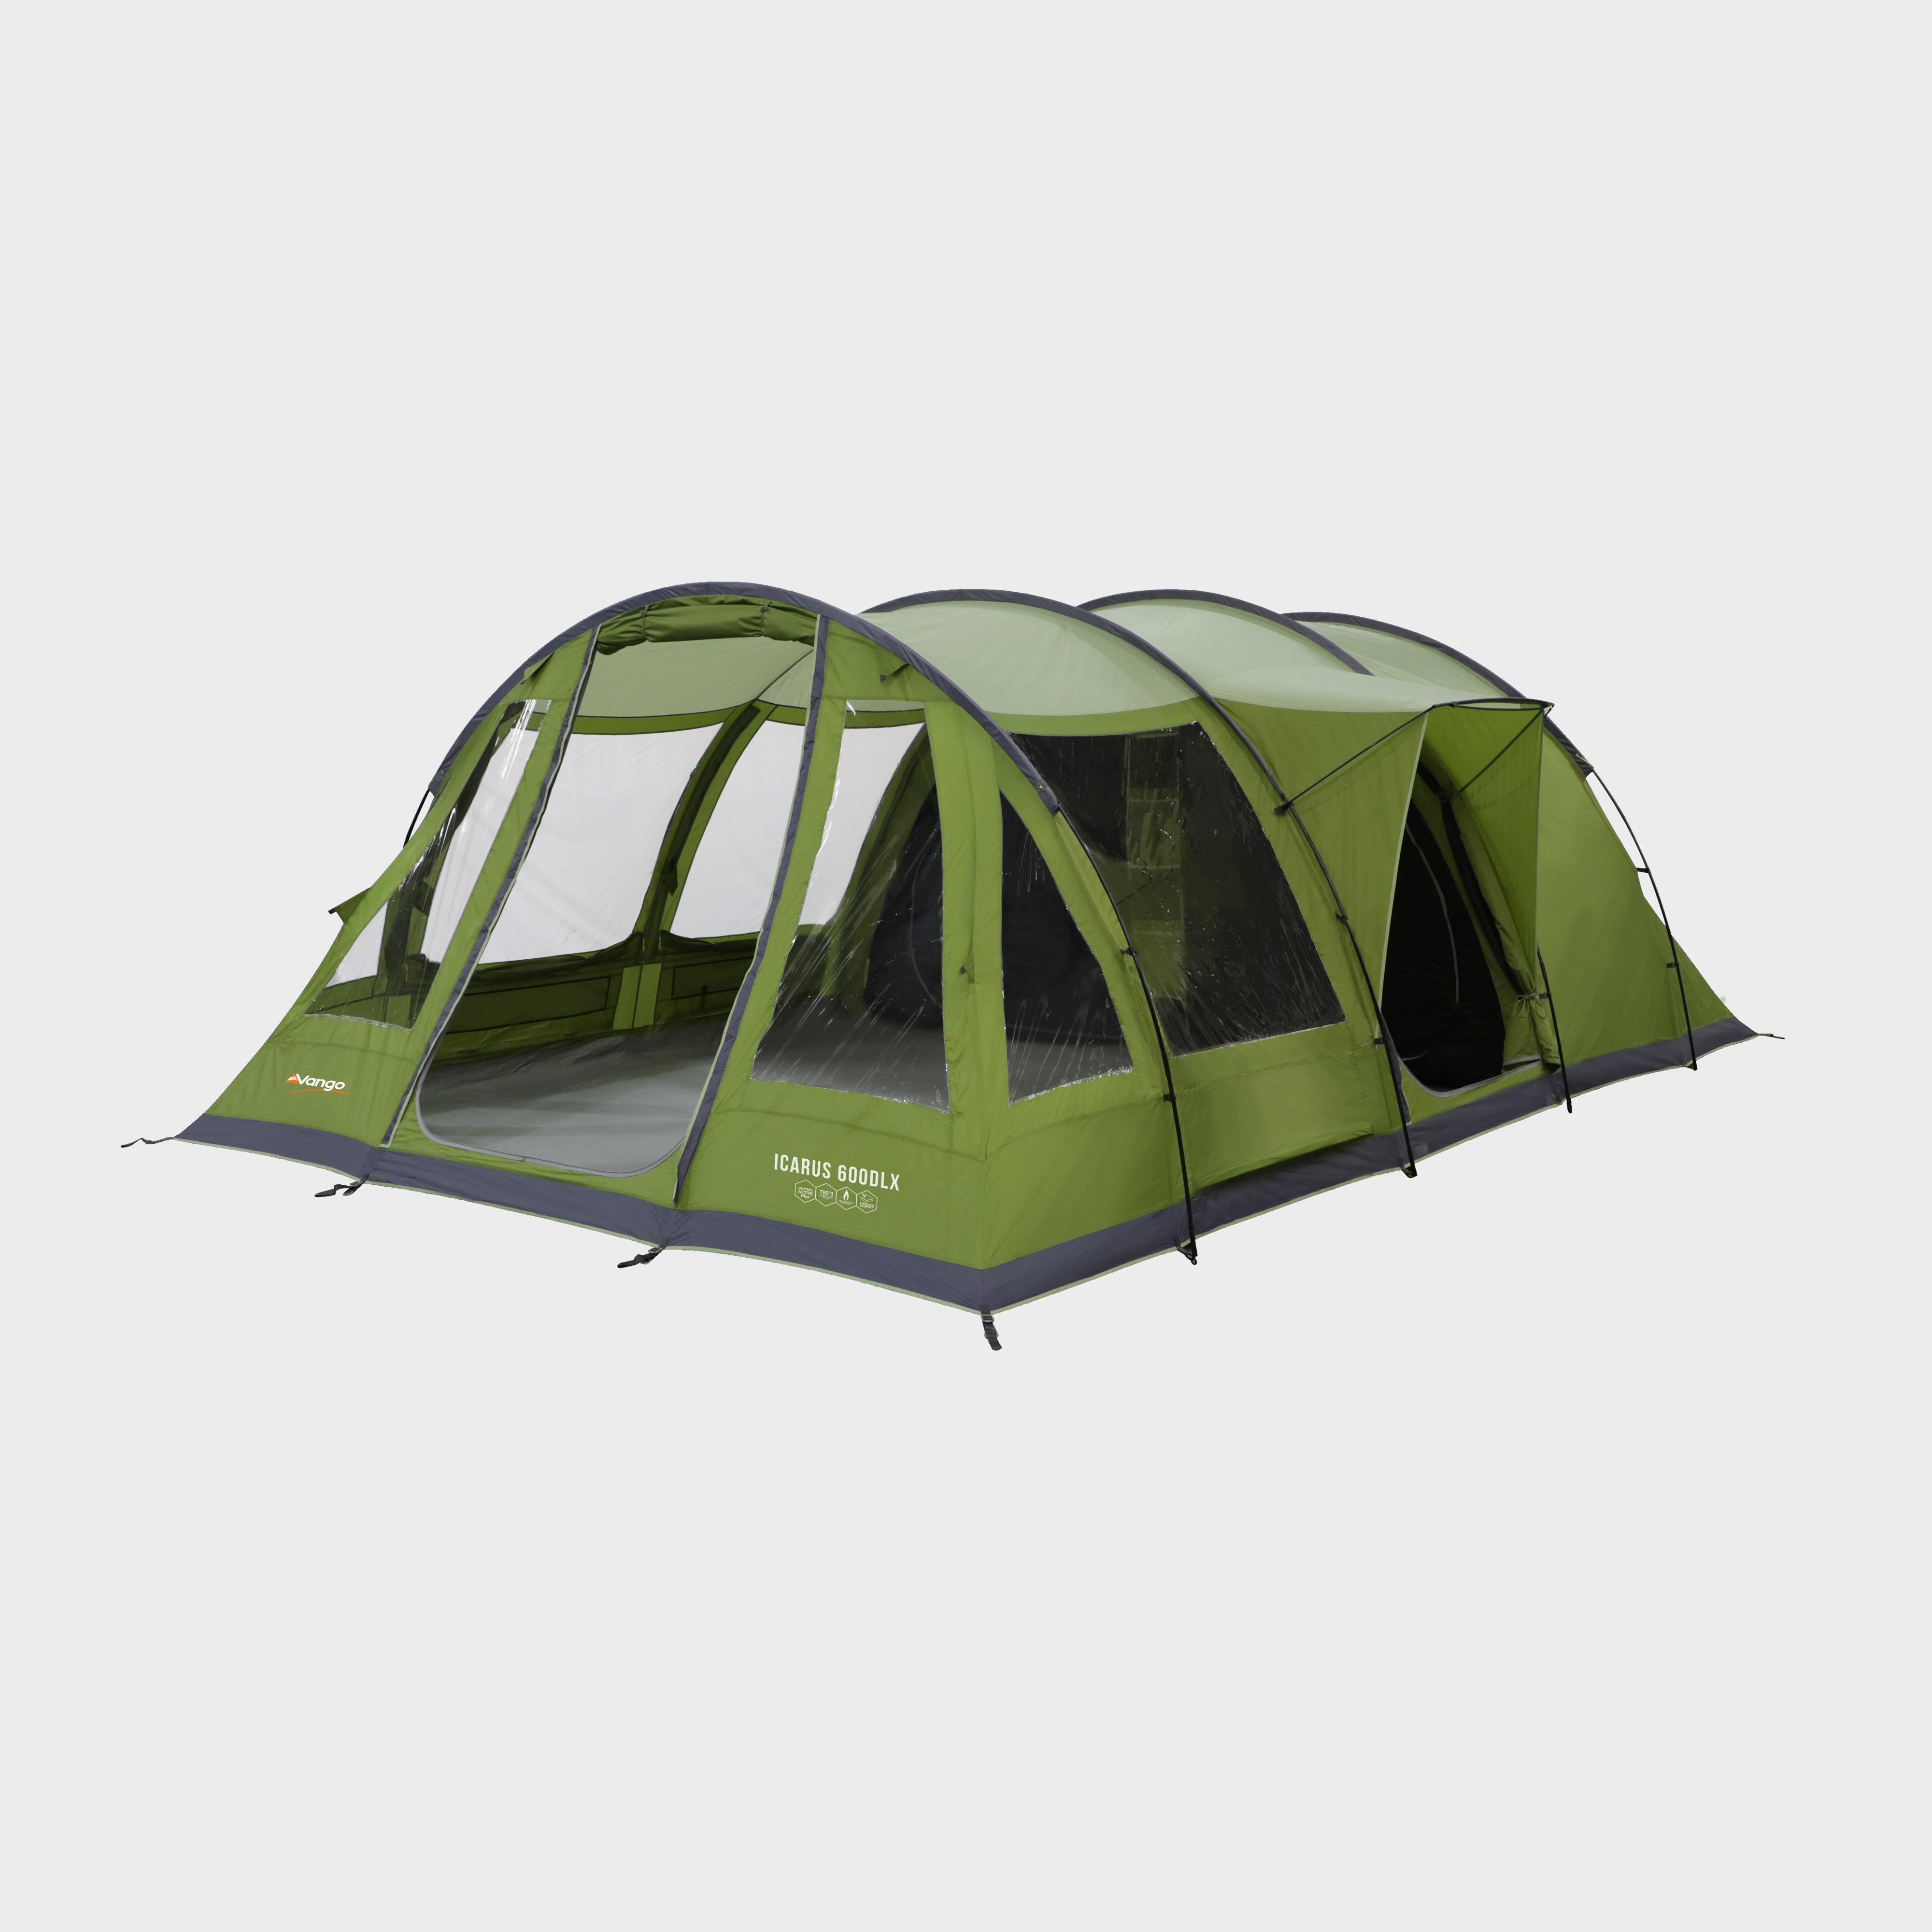 Vango Icarus 600Dxl Tent - No/No, NO/NO